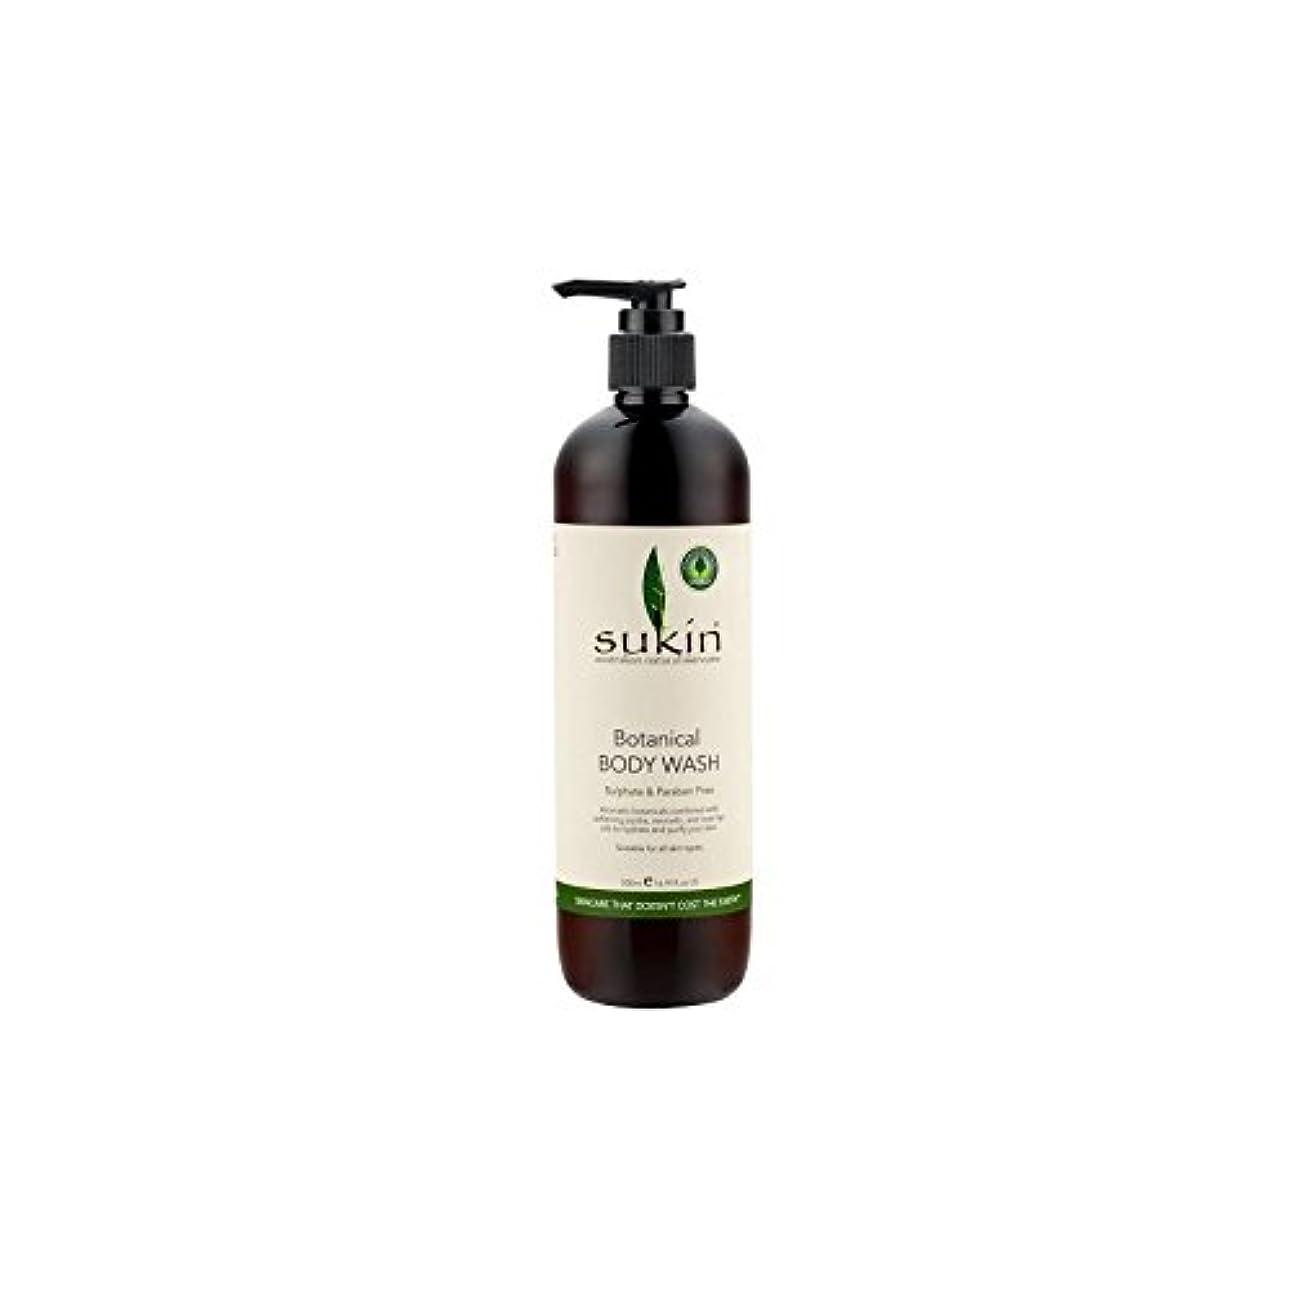 反逆サーフィン焦げSukin Botanical Body Wash (500ml) (Pack of 6) - 植物ボディウォッシュ(500ミリリットル) x6 [並行輸入品]